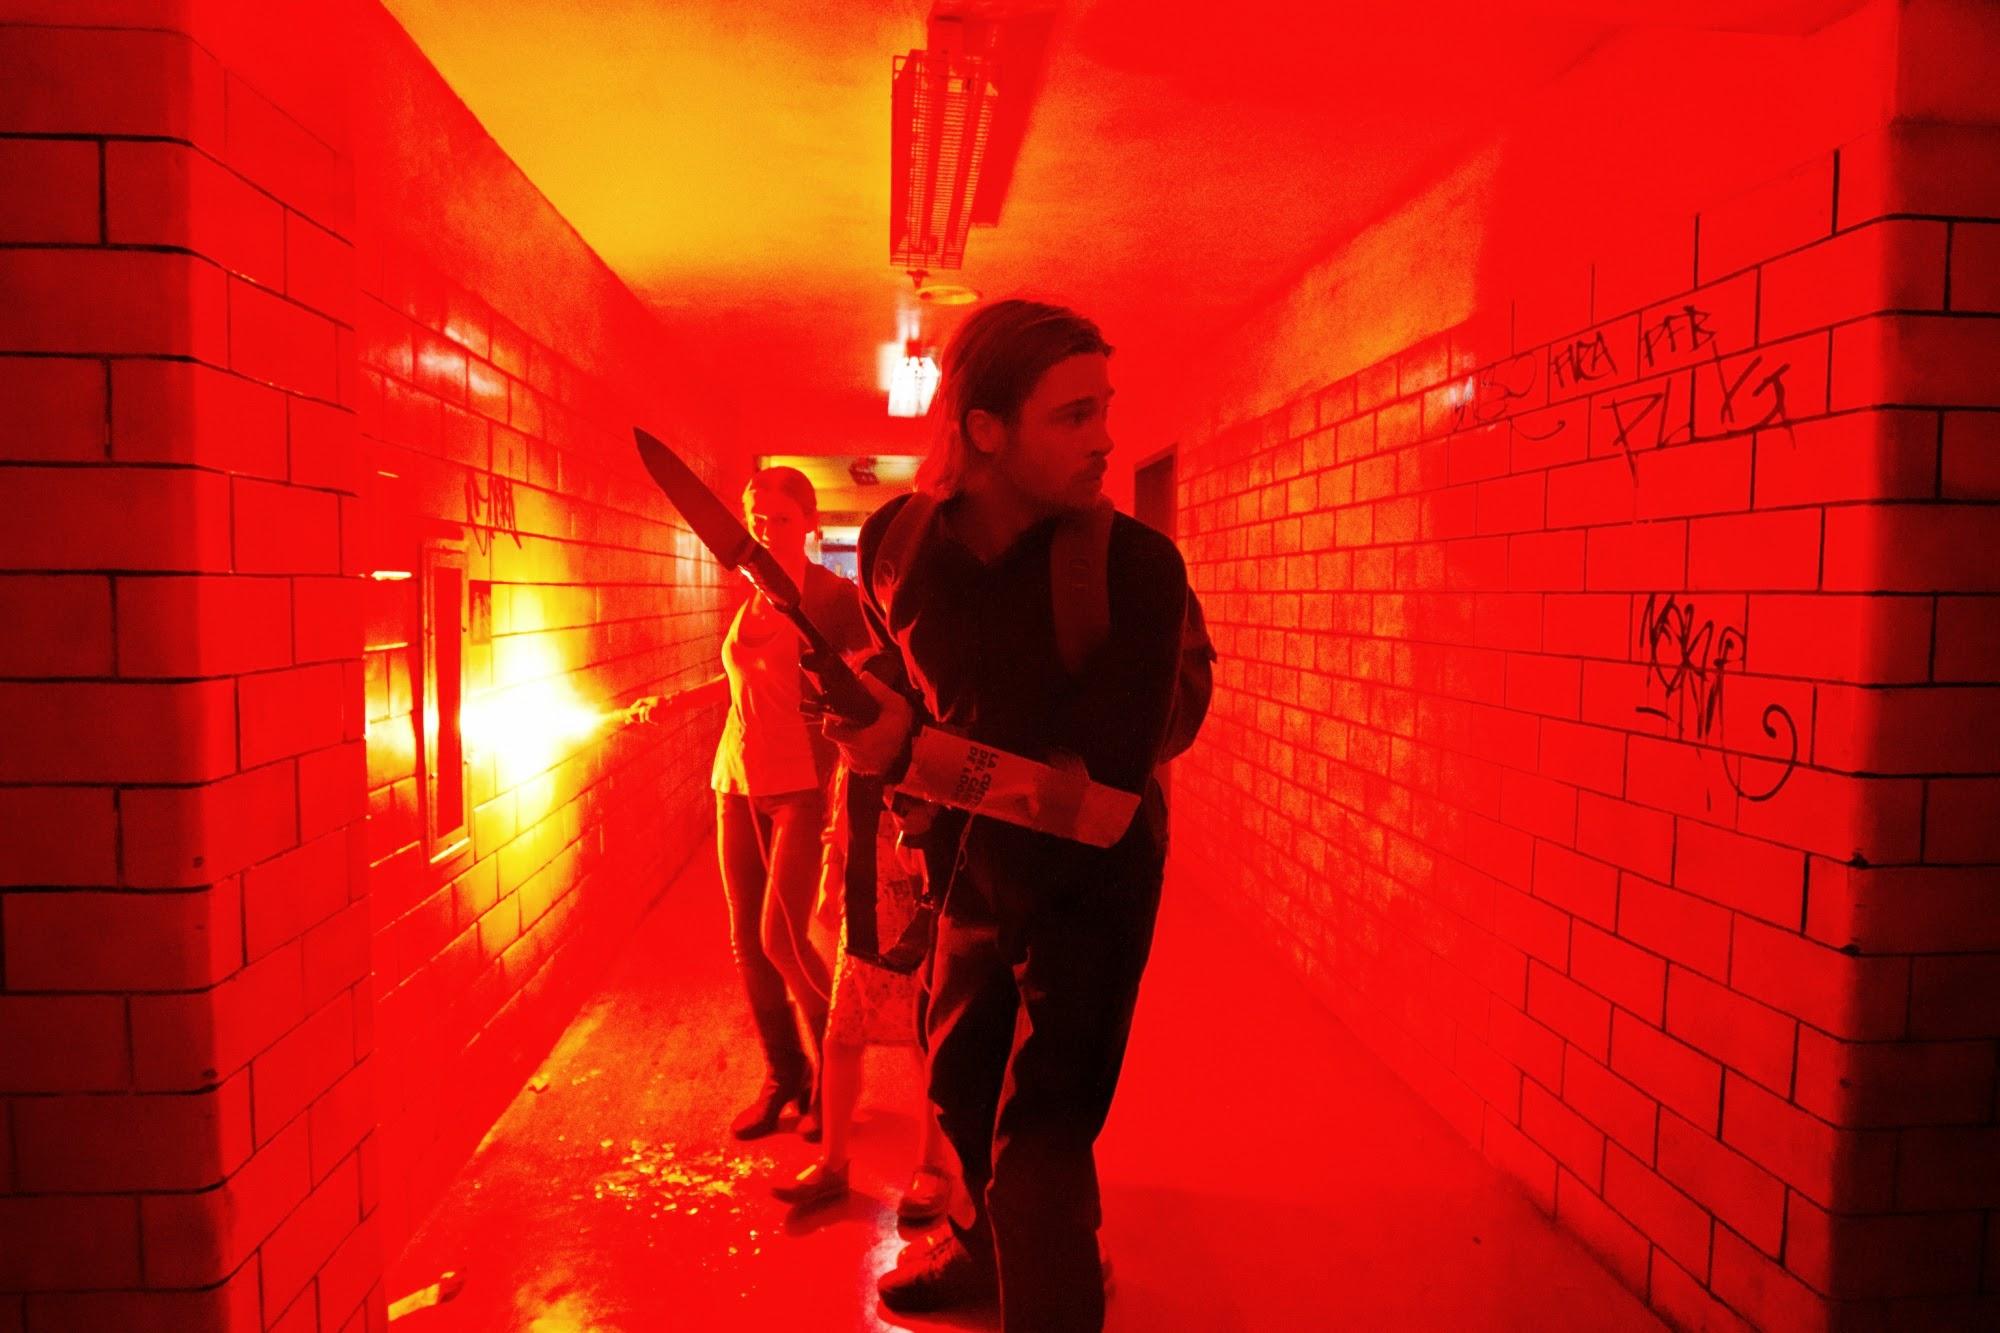 World War Z 2 : デヴィッド・フィンチャー監督が名コンビのブラッド・ピットと組んで、初のゾンビ映画に挑むアクション超大作「ワールド・ウォーZ 2」が、ついに今春クランクインの予定が伝えられた ! !